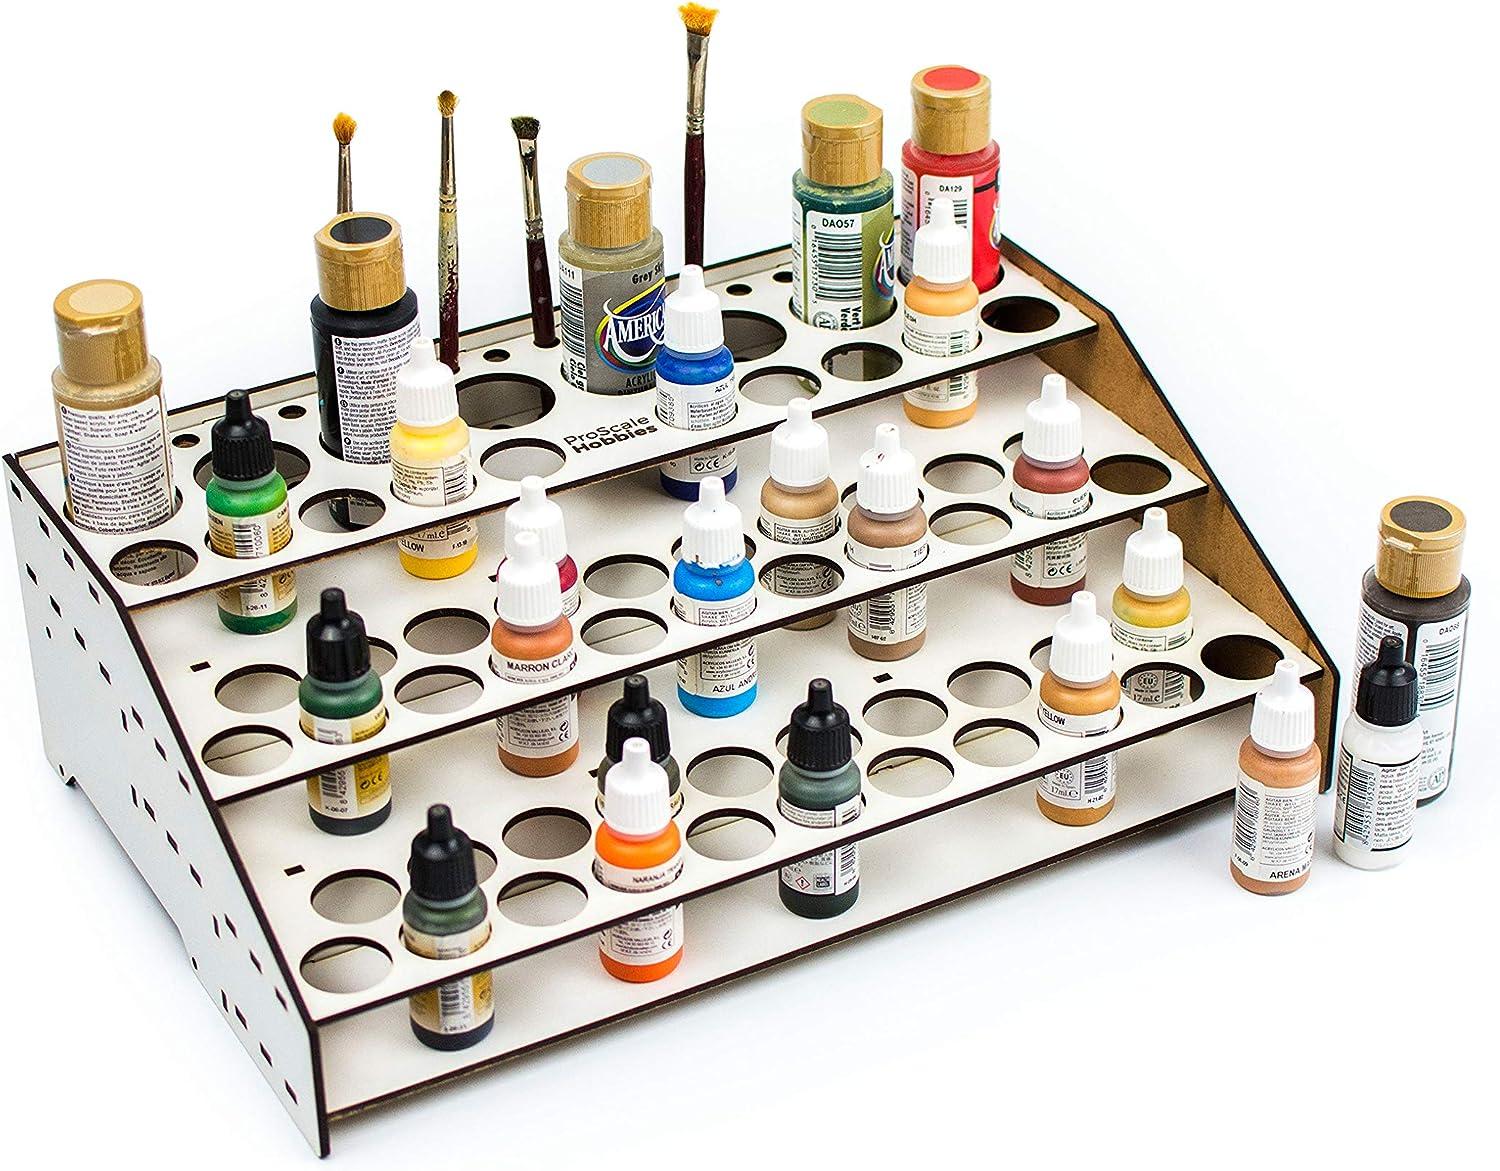 Soporte pinturas modelismo 2021 organizador pinturas modelismo accesorios maquetas warhammer kit paint stand rack organizar botes pinturas acrílicas pinceles miniaturas (A. Frontal con guías)